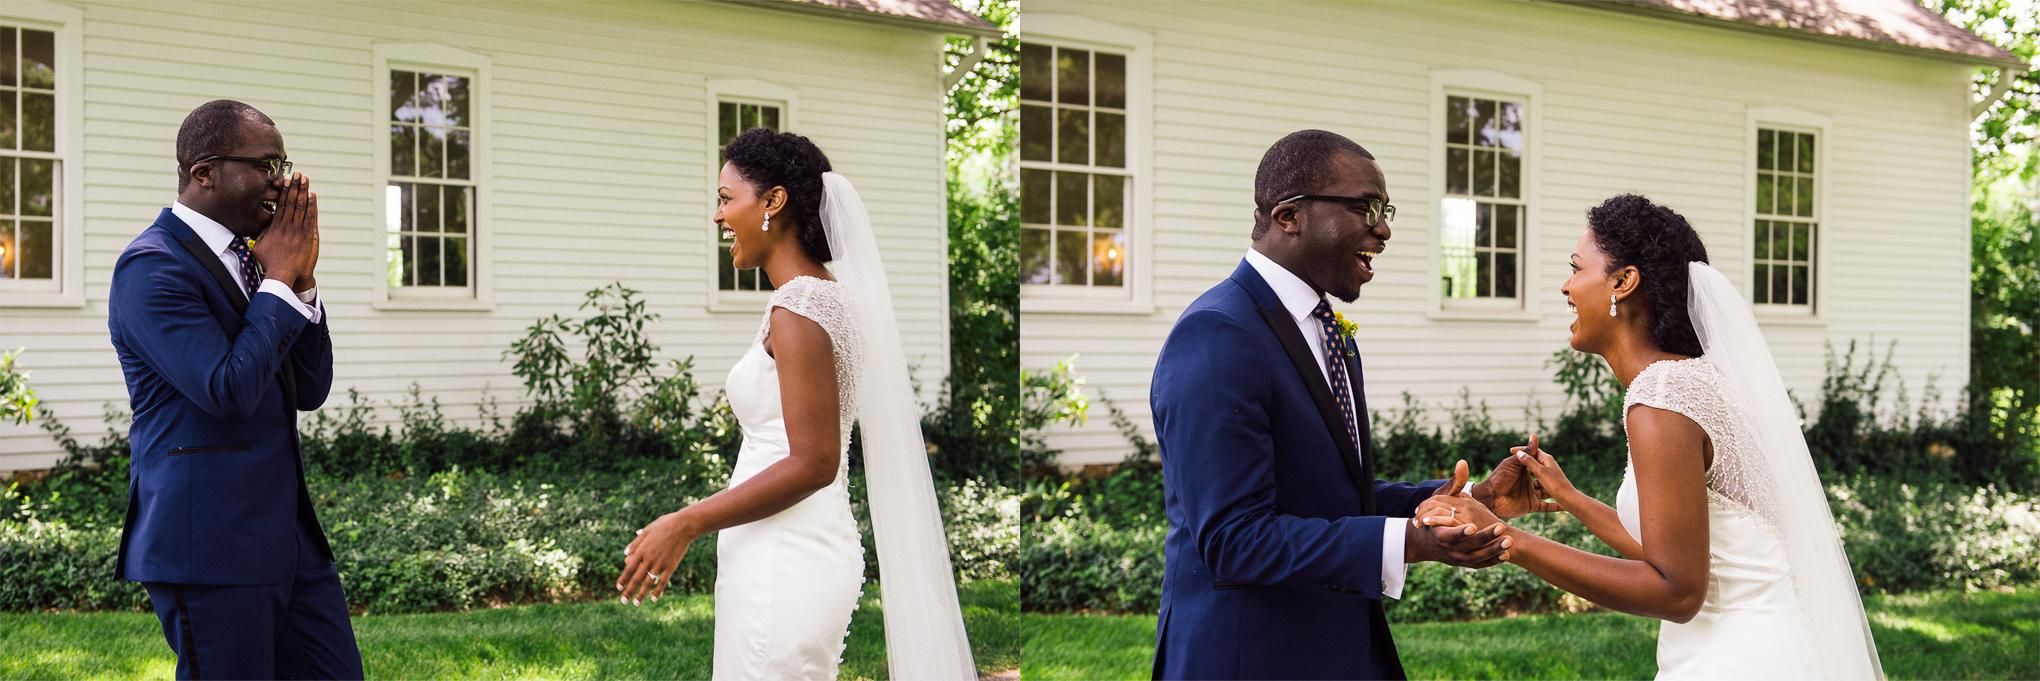 Josh_Bisserat_Wedding_For_Online-125-Edit.jpg